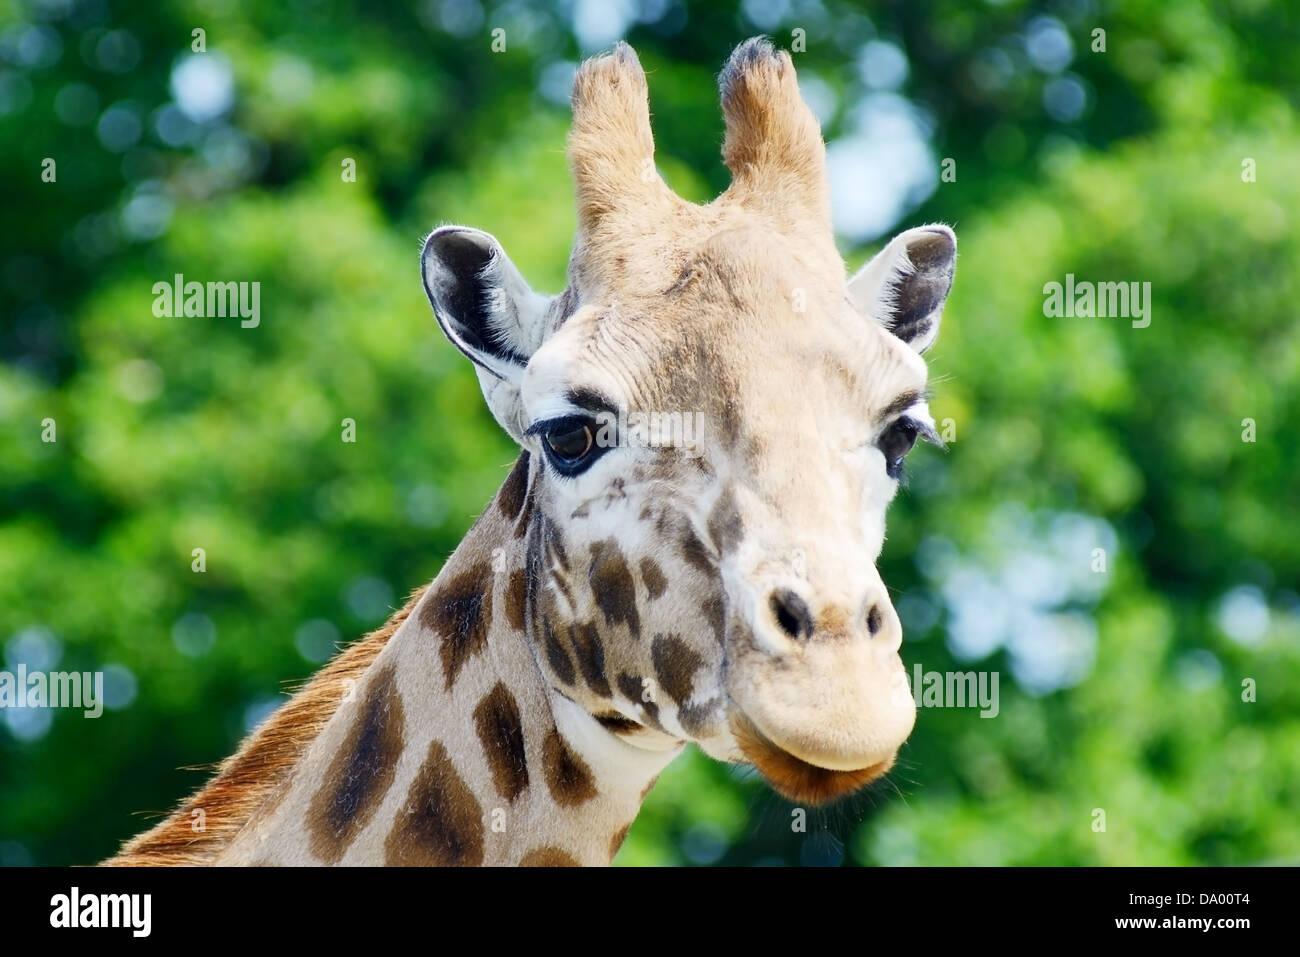 Why giraffe horns